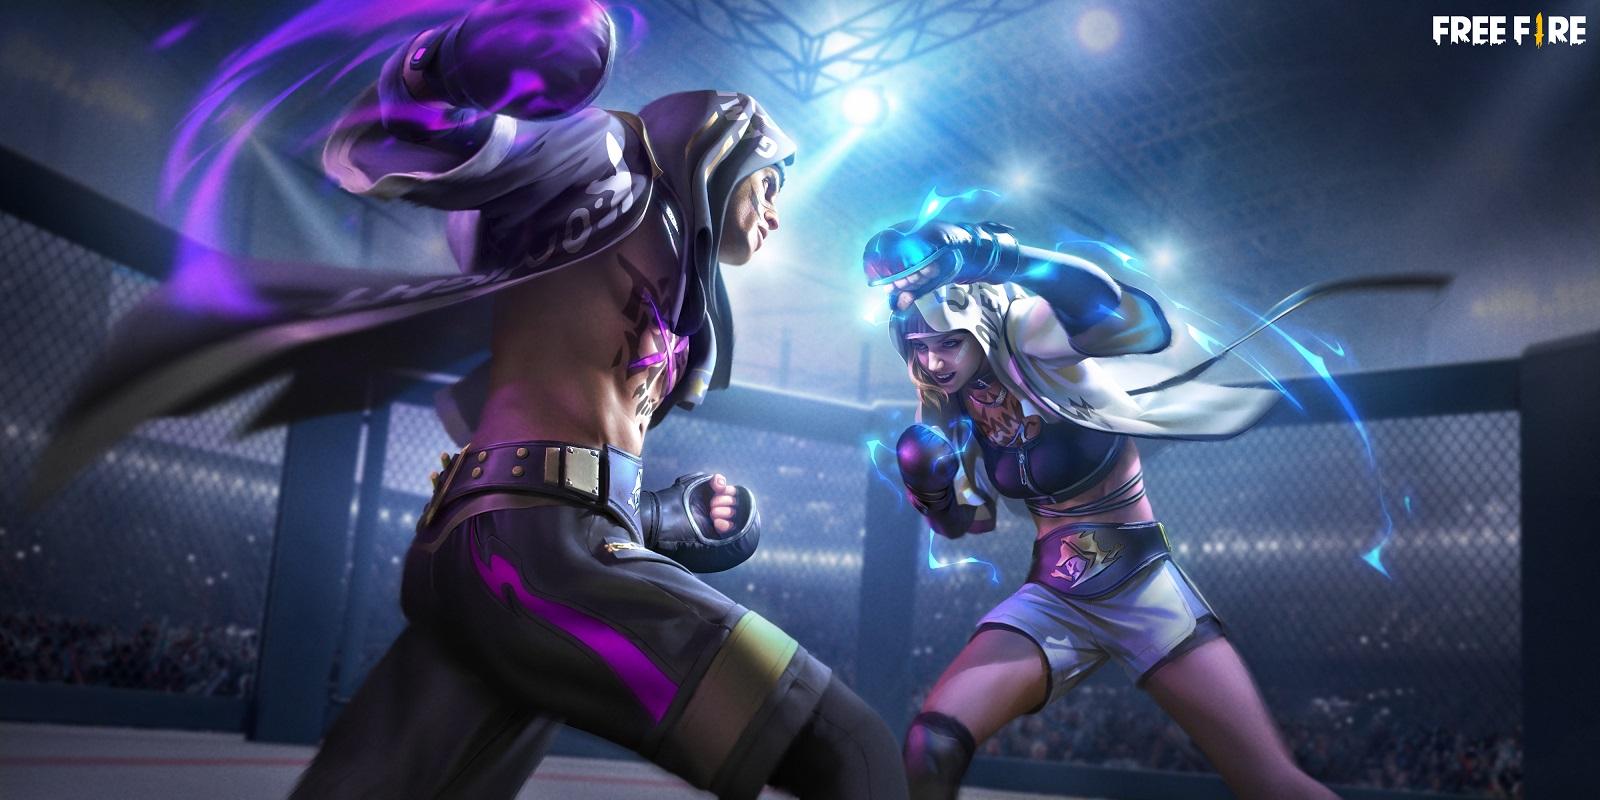 Мобильная королевская битва Free Fire получила крупное обновление с турниром по боевым искусствам